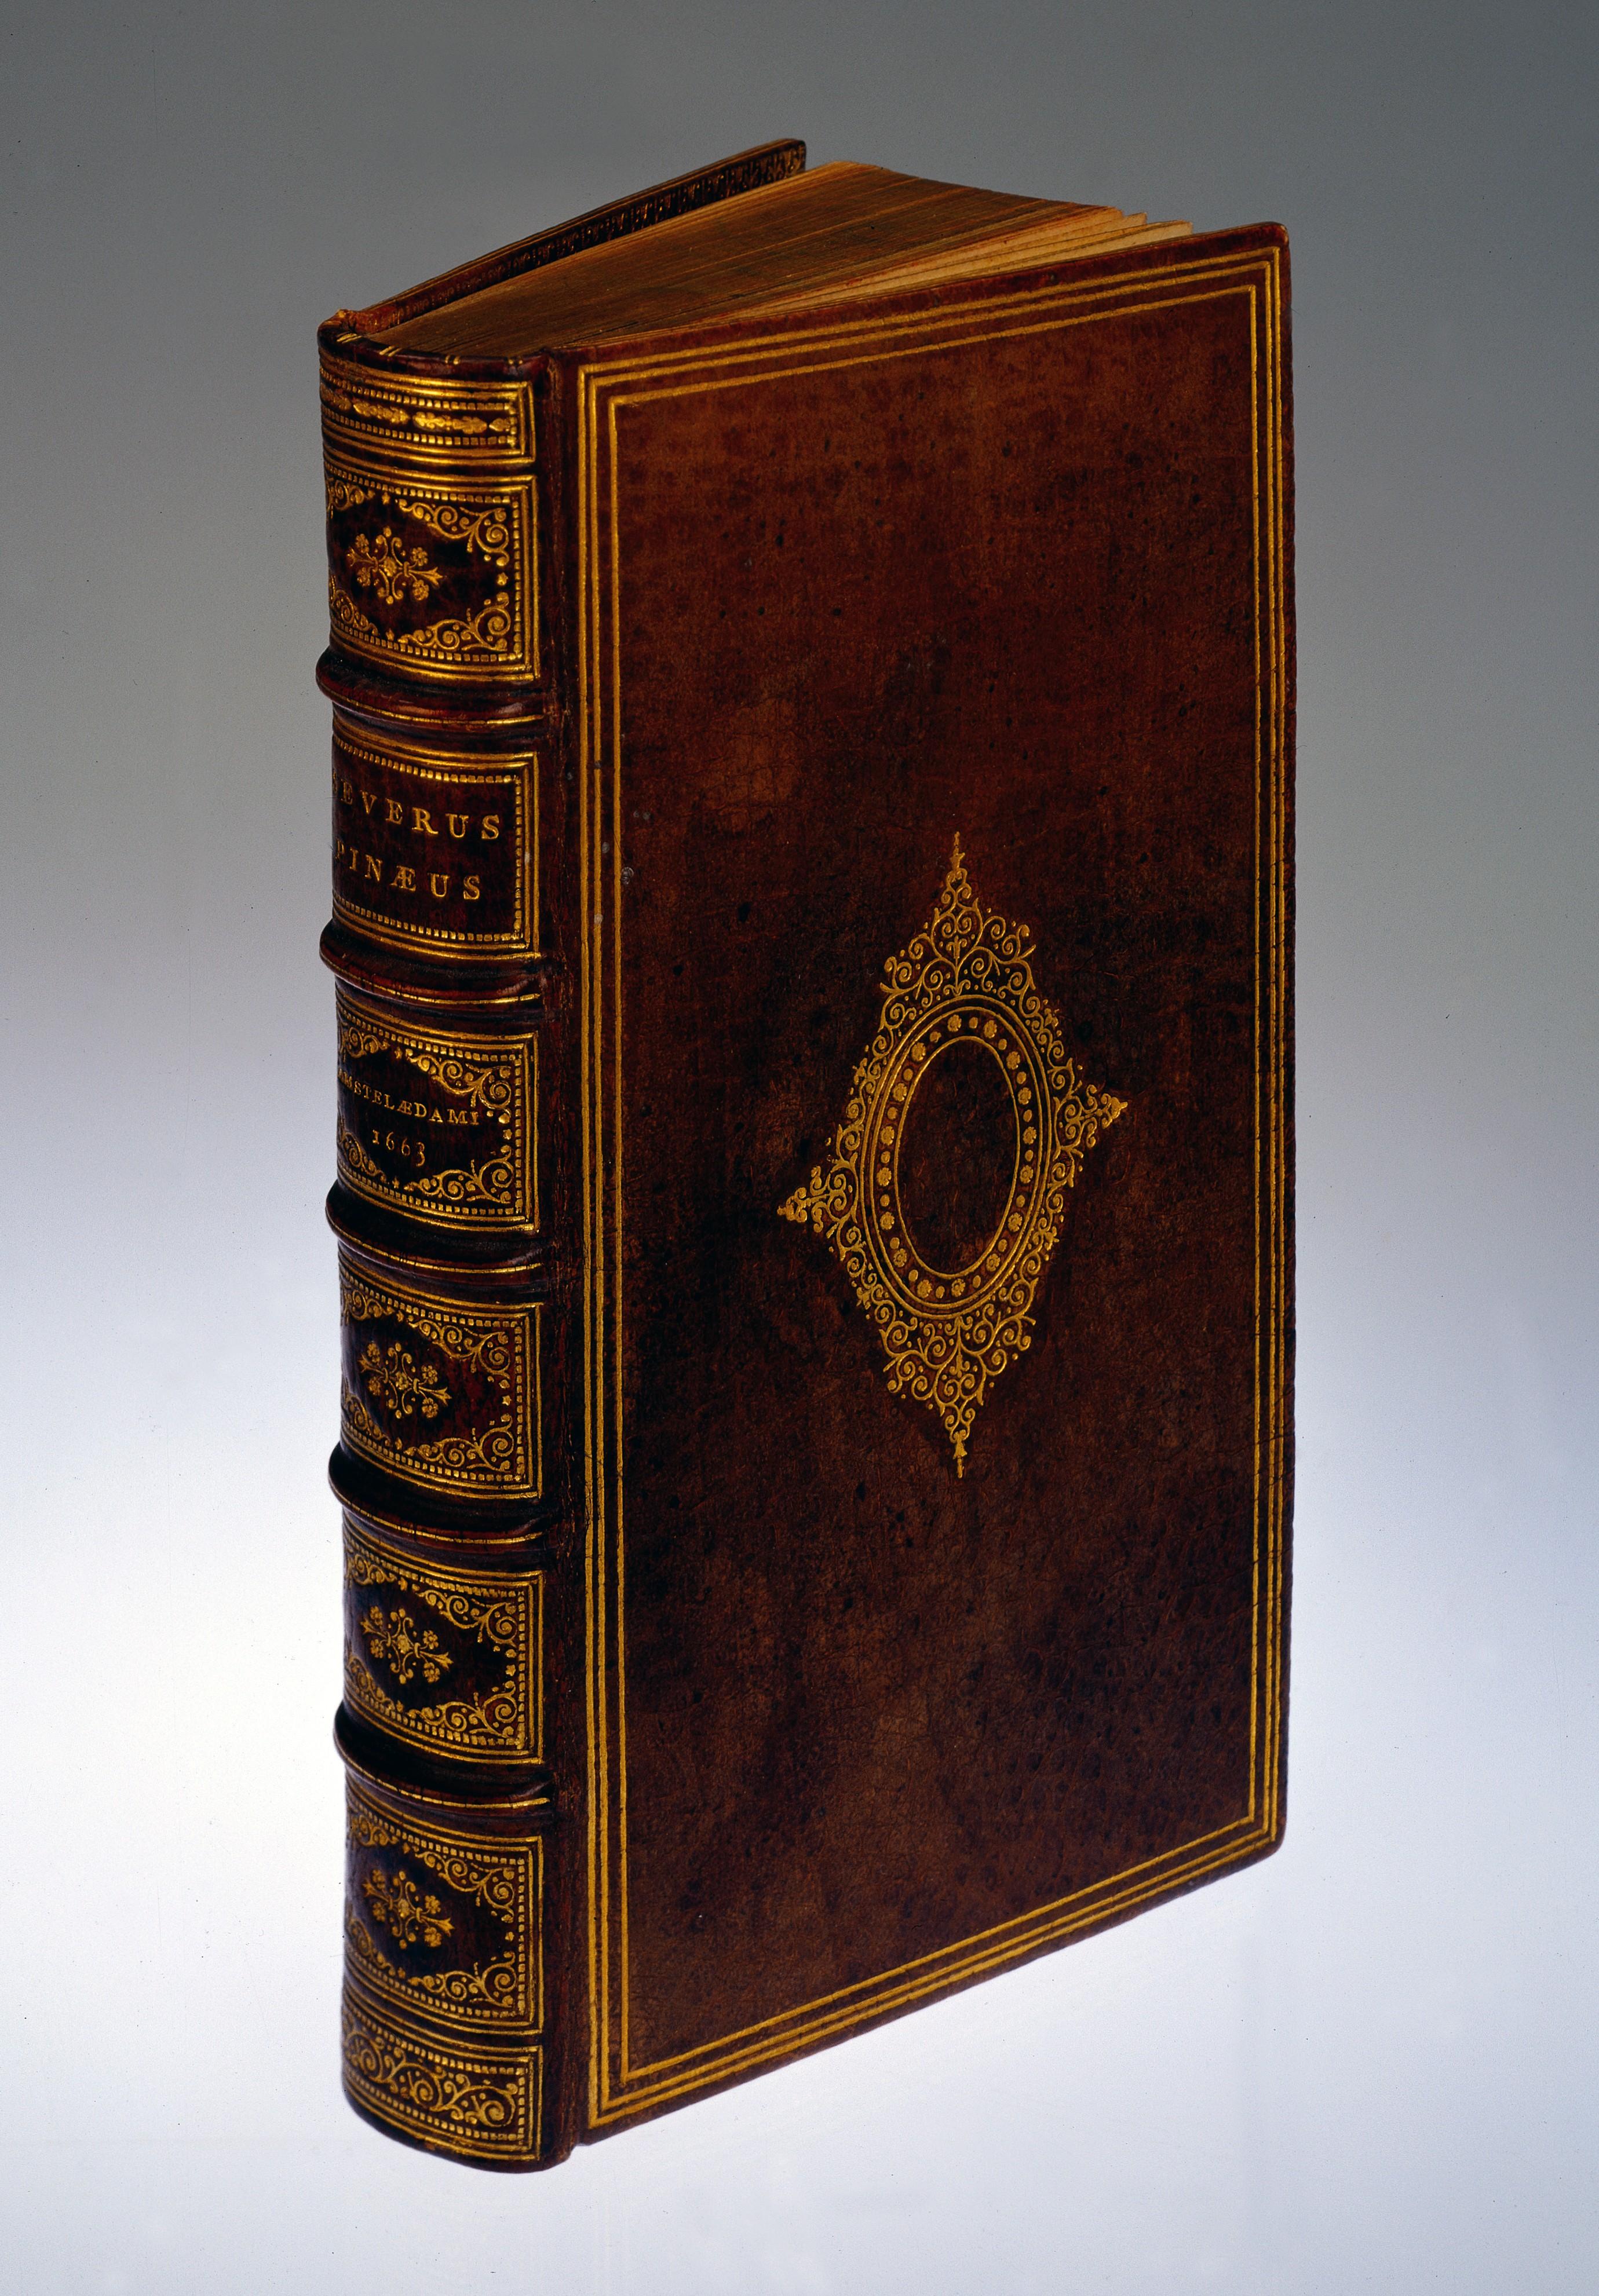 Book Covered In Human Skin : File s pinaeus de integritatis et corruptionis virginum